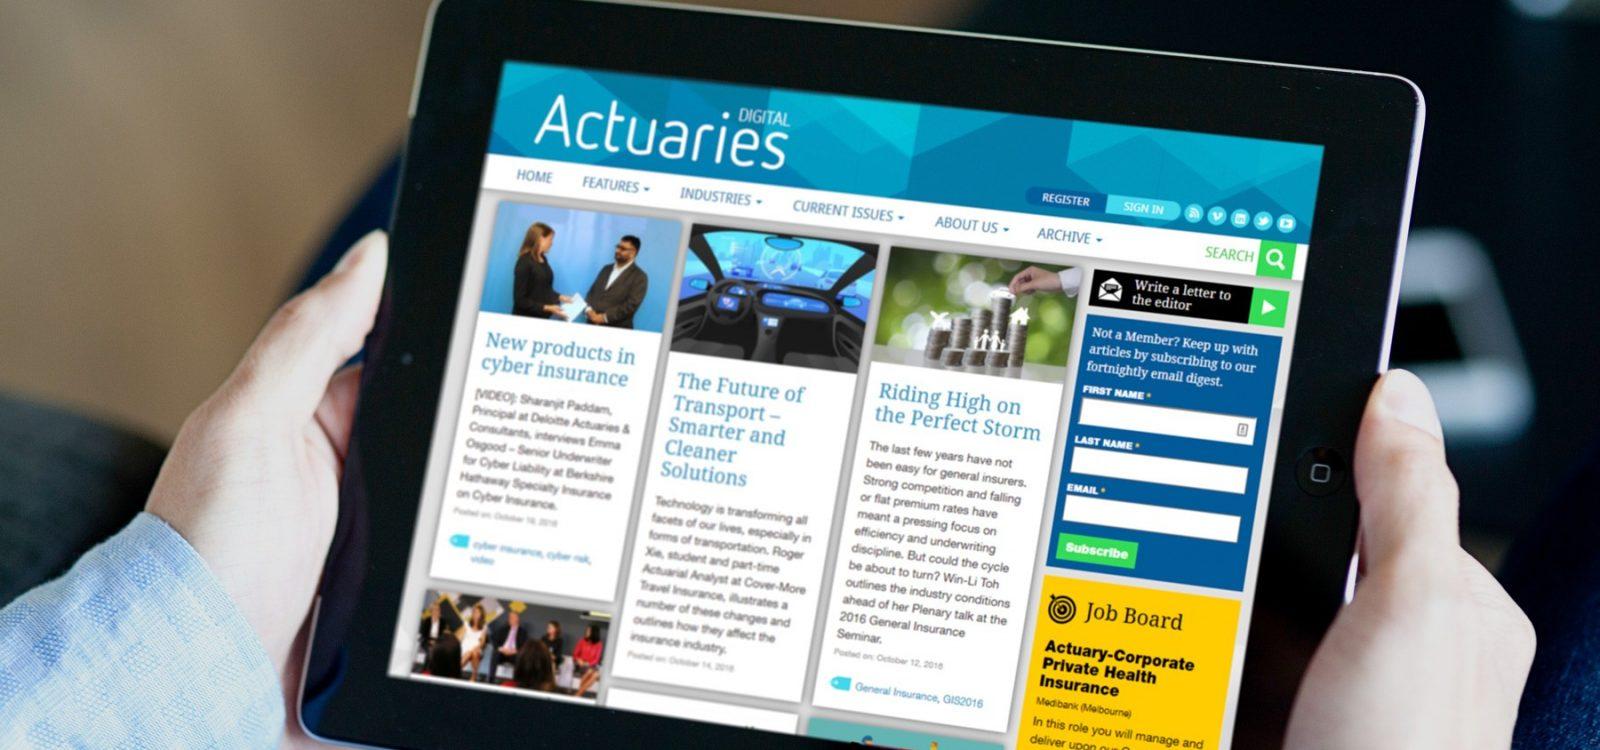 Actuaries Digital review